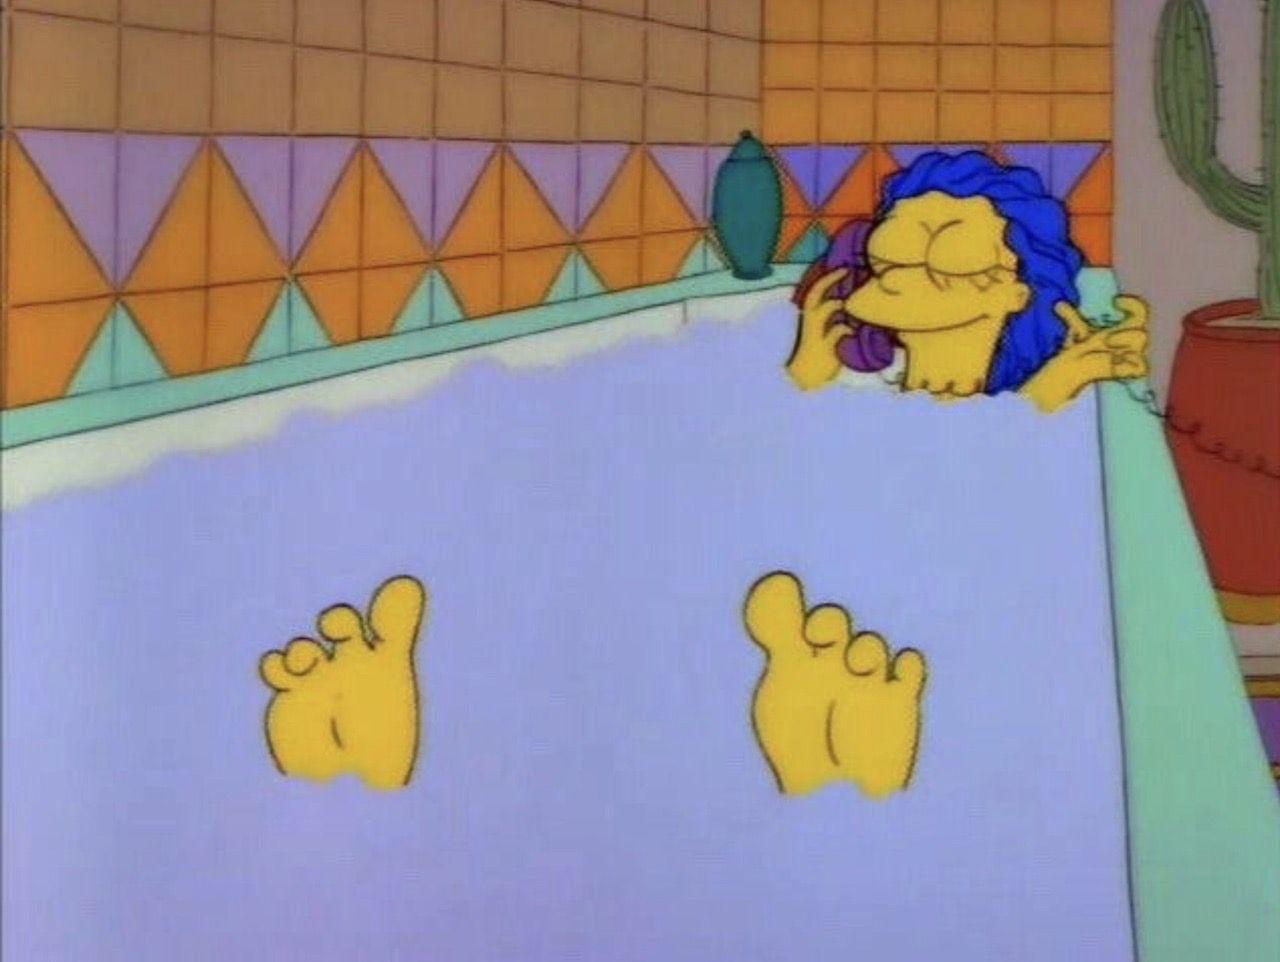 Pin de WEIRDLAND TV en The Simpsons en 2020 | Imágenes de ...